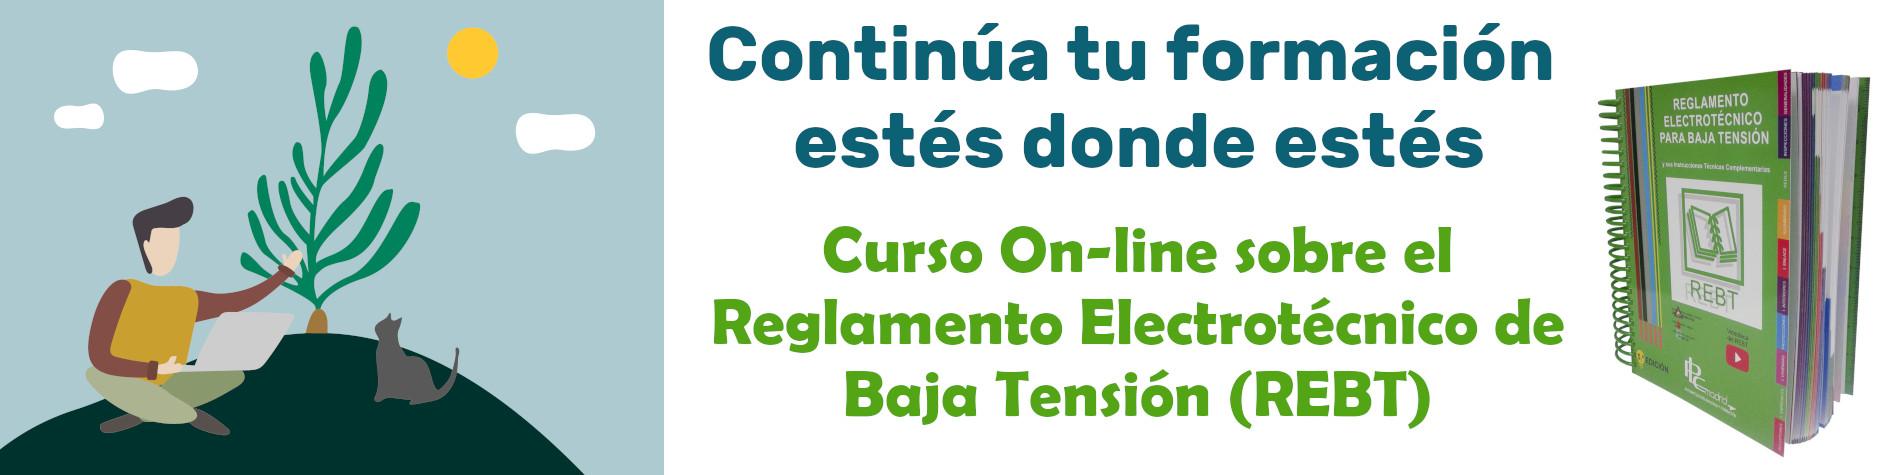 PLC Madrid Curso on-line sobre el reglamento electrotécnico para baja tensión